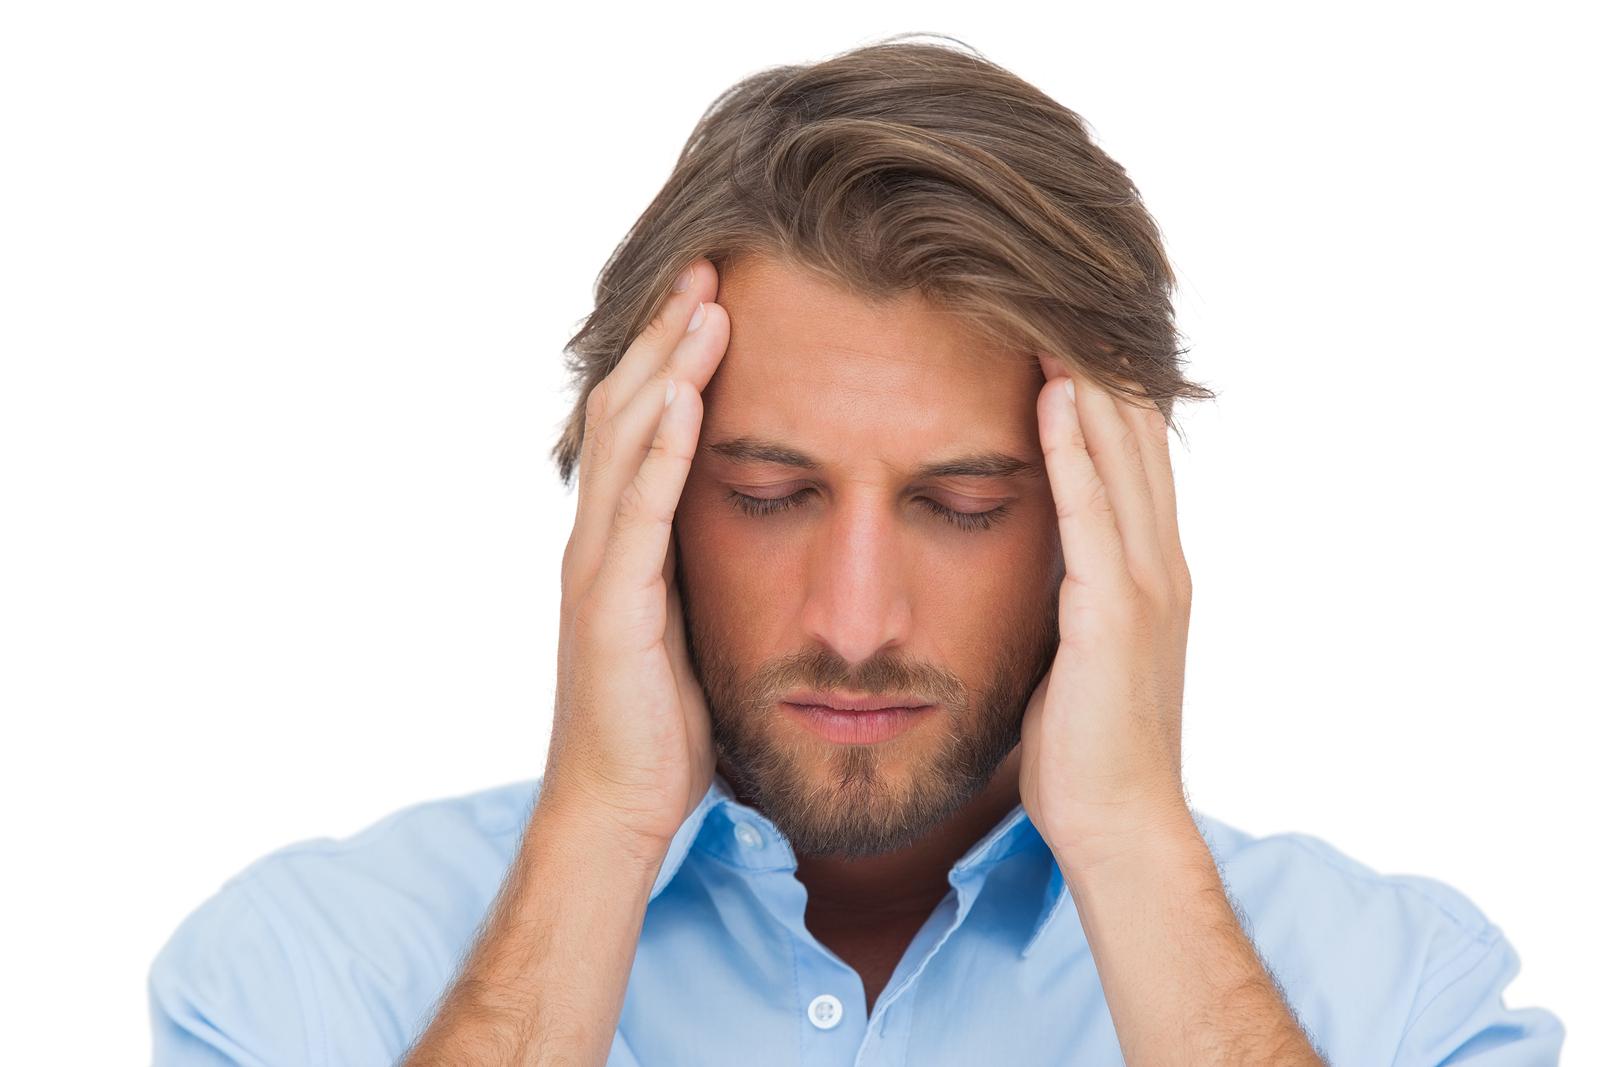 علاج الصداع بدون أدوية